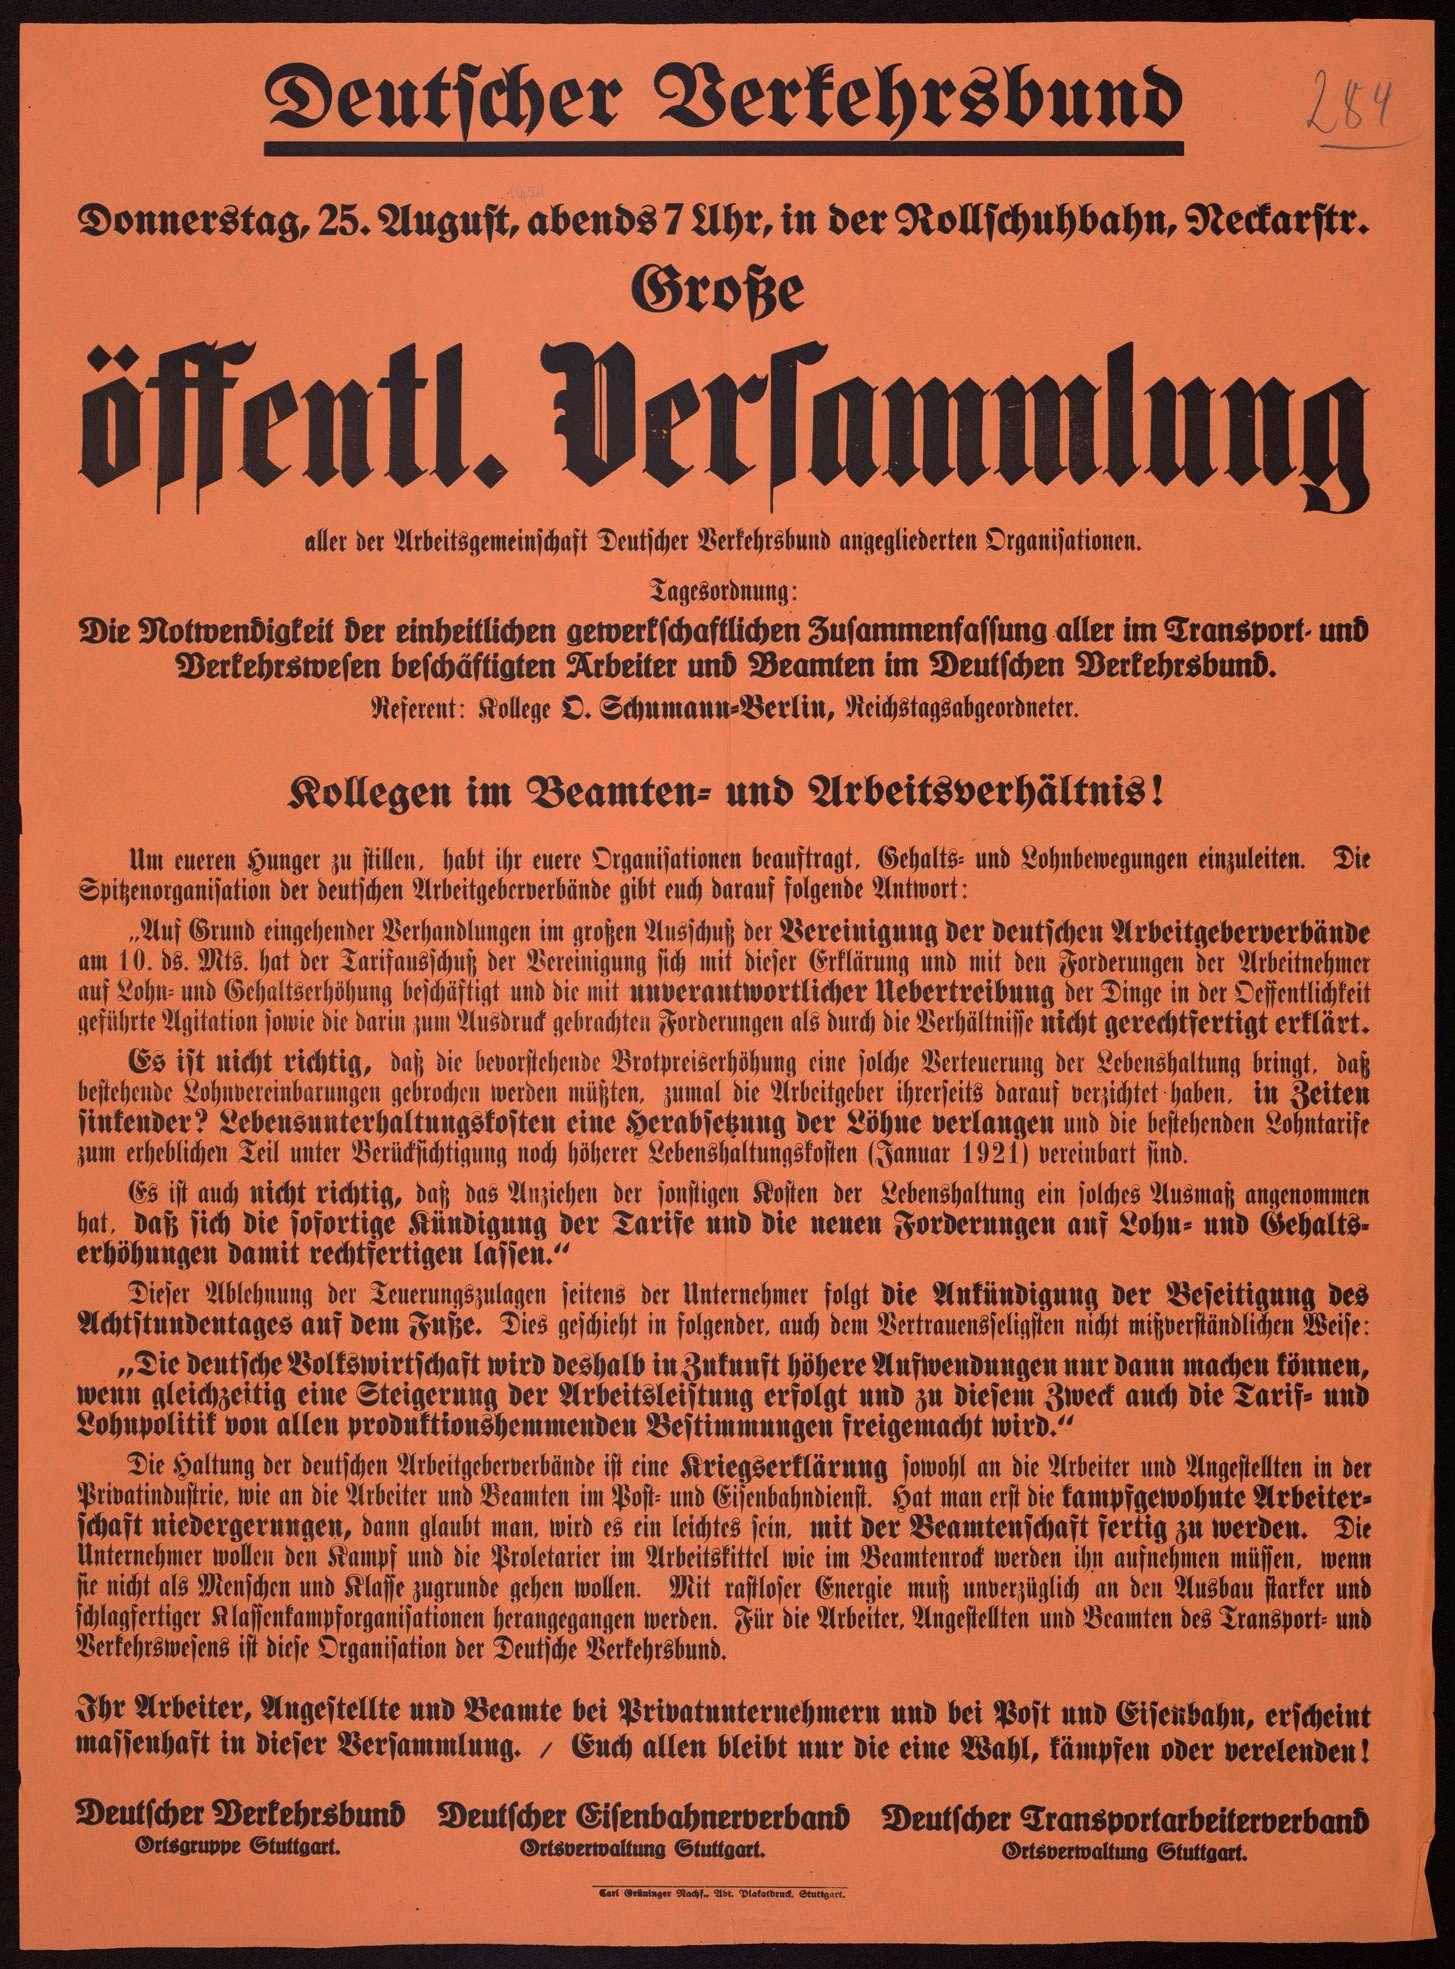 """""""Deutscher Verkehrsbund ... Große öffentliche Versammlung aller der Arbeitsgemeinschaft Deutscher Verkehrsbund angegliederten Organisationen"""" in Stuttgart, Bild 1"""